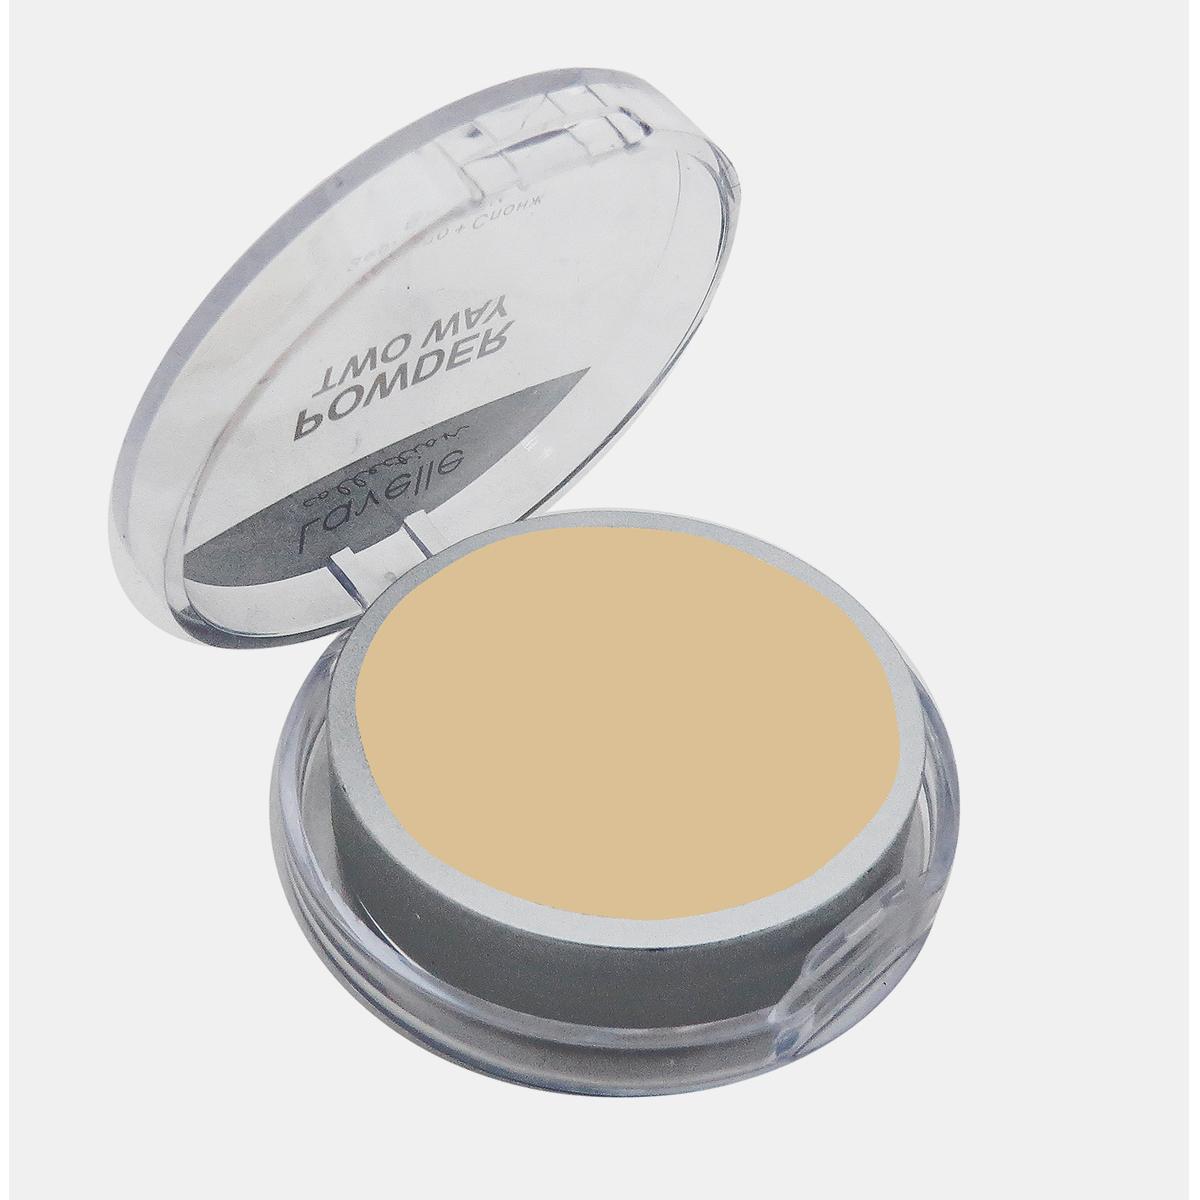 LavelleCollection пудра для лица PD-10 компактная тон 04 темно-бежевый, 8 гPD10-04Тончайшая текстура пудры PD 10 придает коже прозрачную матовость и однородность, скрывая недостатки. Естественные, полупрозрачные оттенки пудры обеспечат ровный тон и подойдут для любой кожи. Пудра содержит каолин, ланолиновое масло, UV-фильтр, экстракт Алоэ Вера. Обладает бархатистой, нежной текстурой, не закупоривает поры и не раздражает кожу, являясь надежной основой для макияжа. Футляр пудры оснащен отделением с зеркальцем и спонжем.